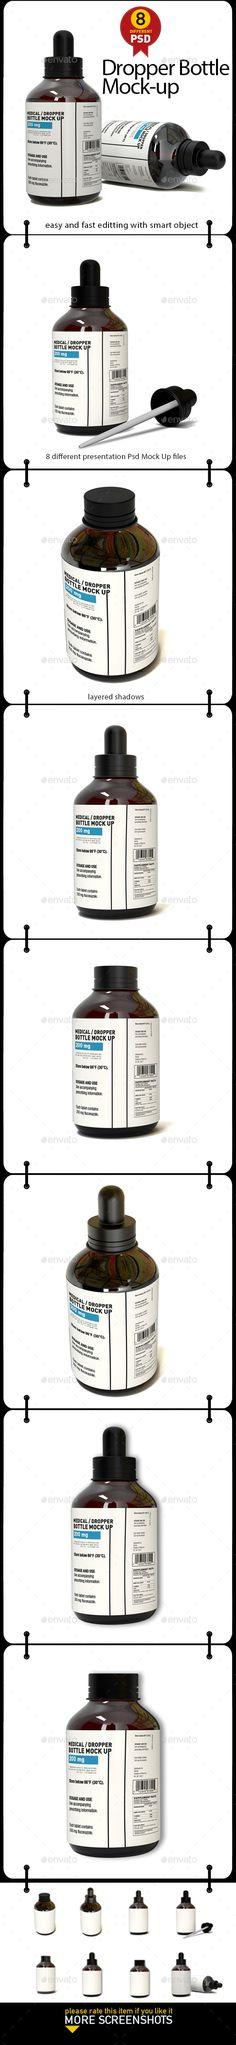 Dropper Bottle Mock-up - Product Mock-Ups Graphics